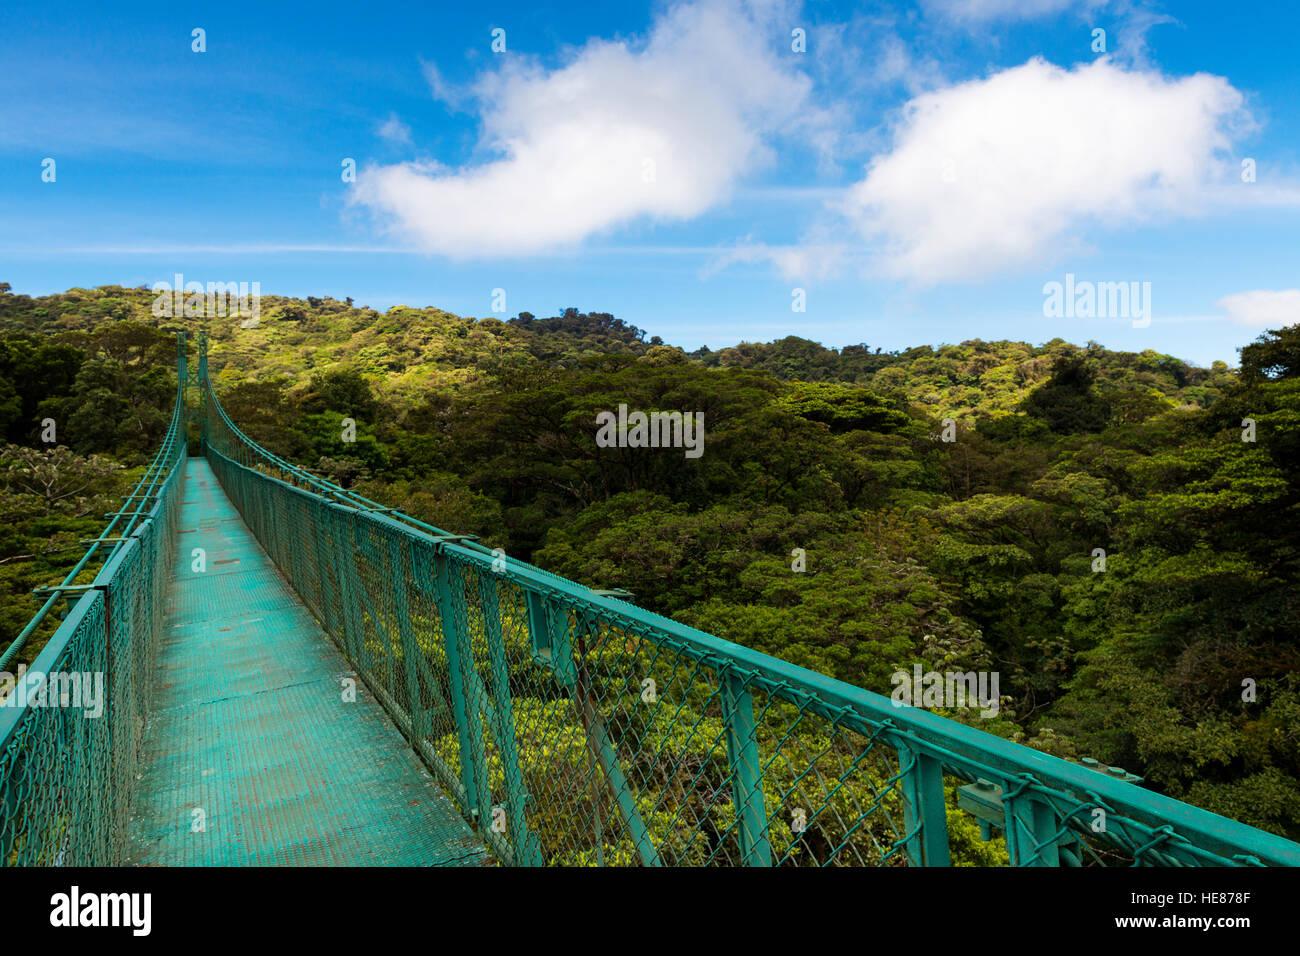 Ponte sospeso sopra le cime degli alberi a Monteverde, Costa Rica, America Centrale Immagini Stock